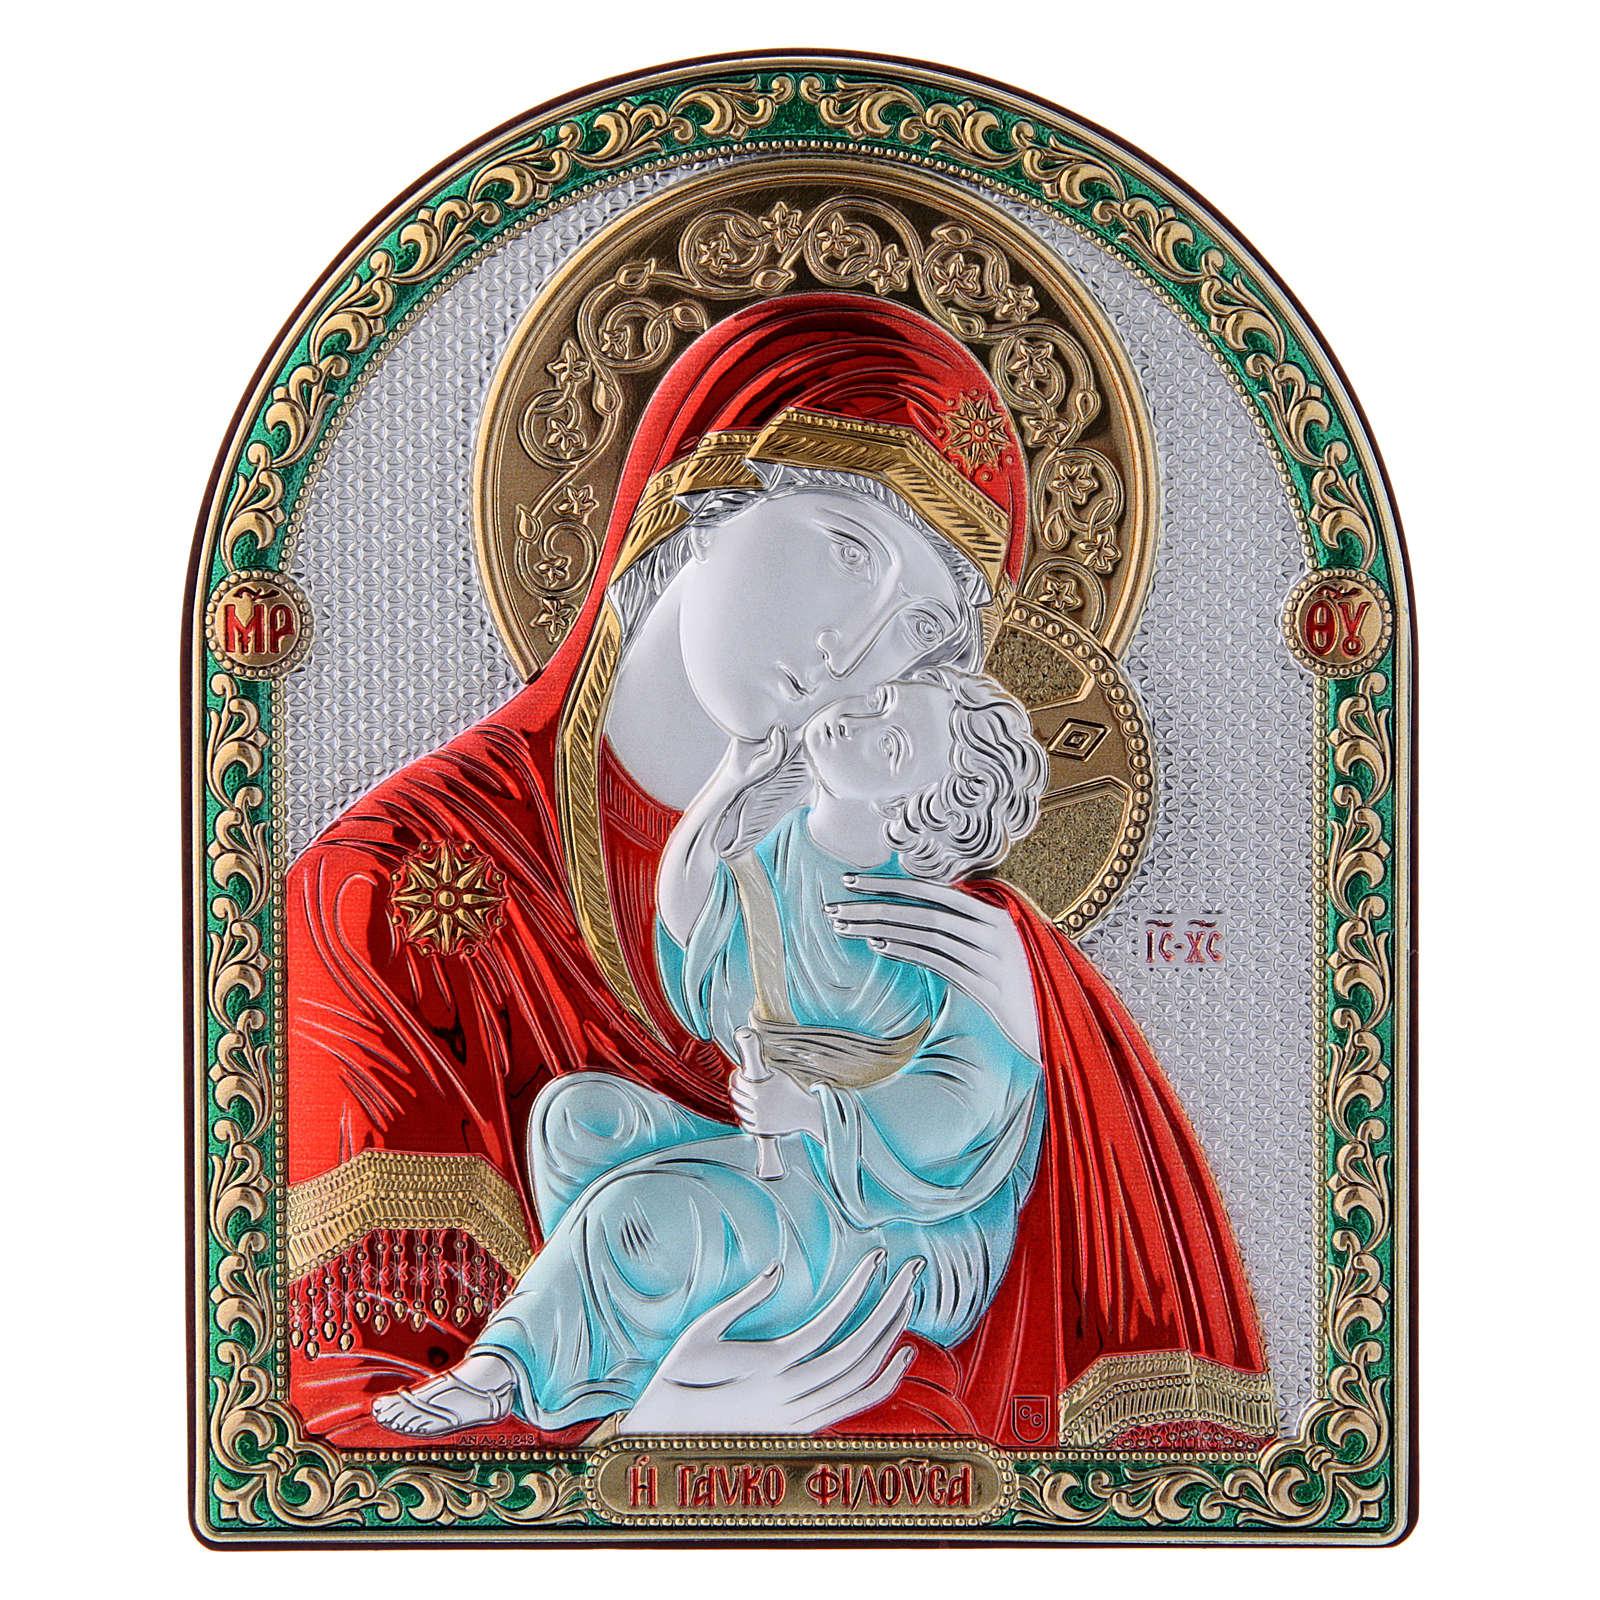 Quadro bilaminato retro legno pregiato finiture oro Madonna Vladimir rossa 16,7X13,6 cm 4